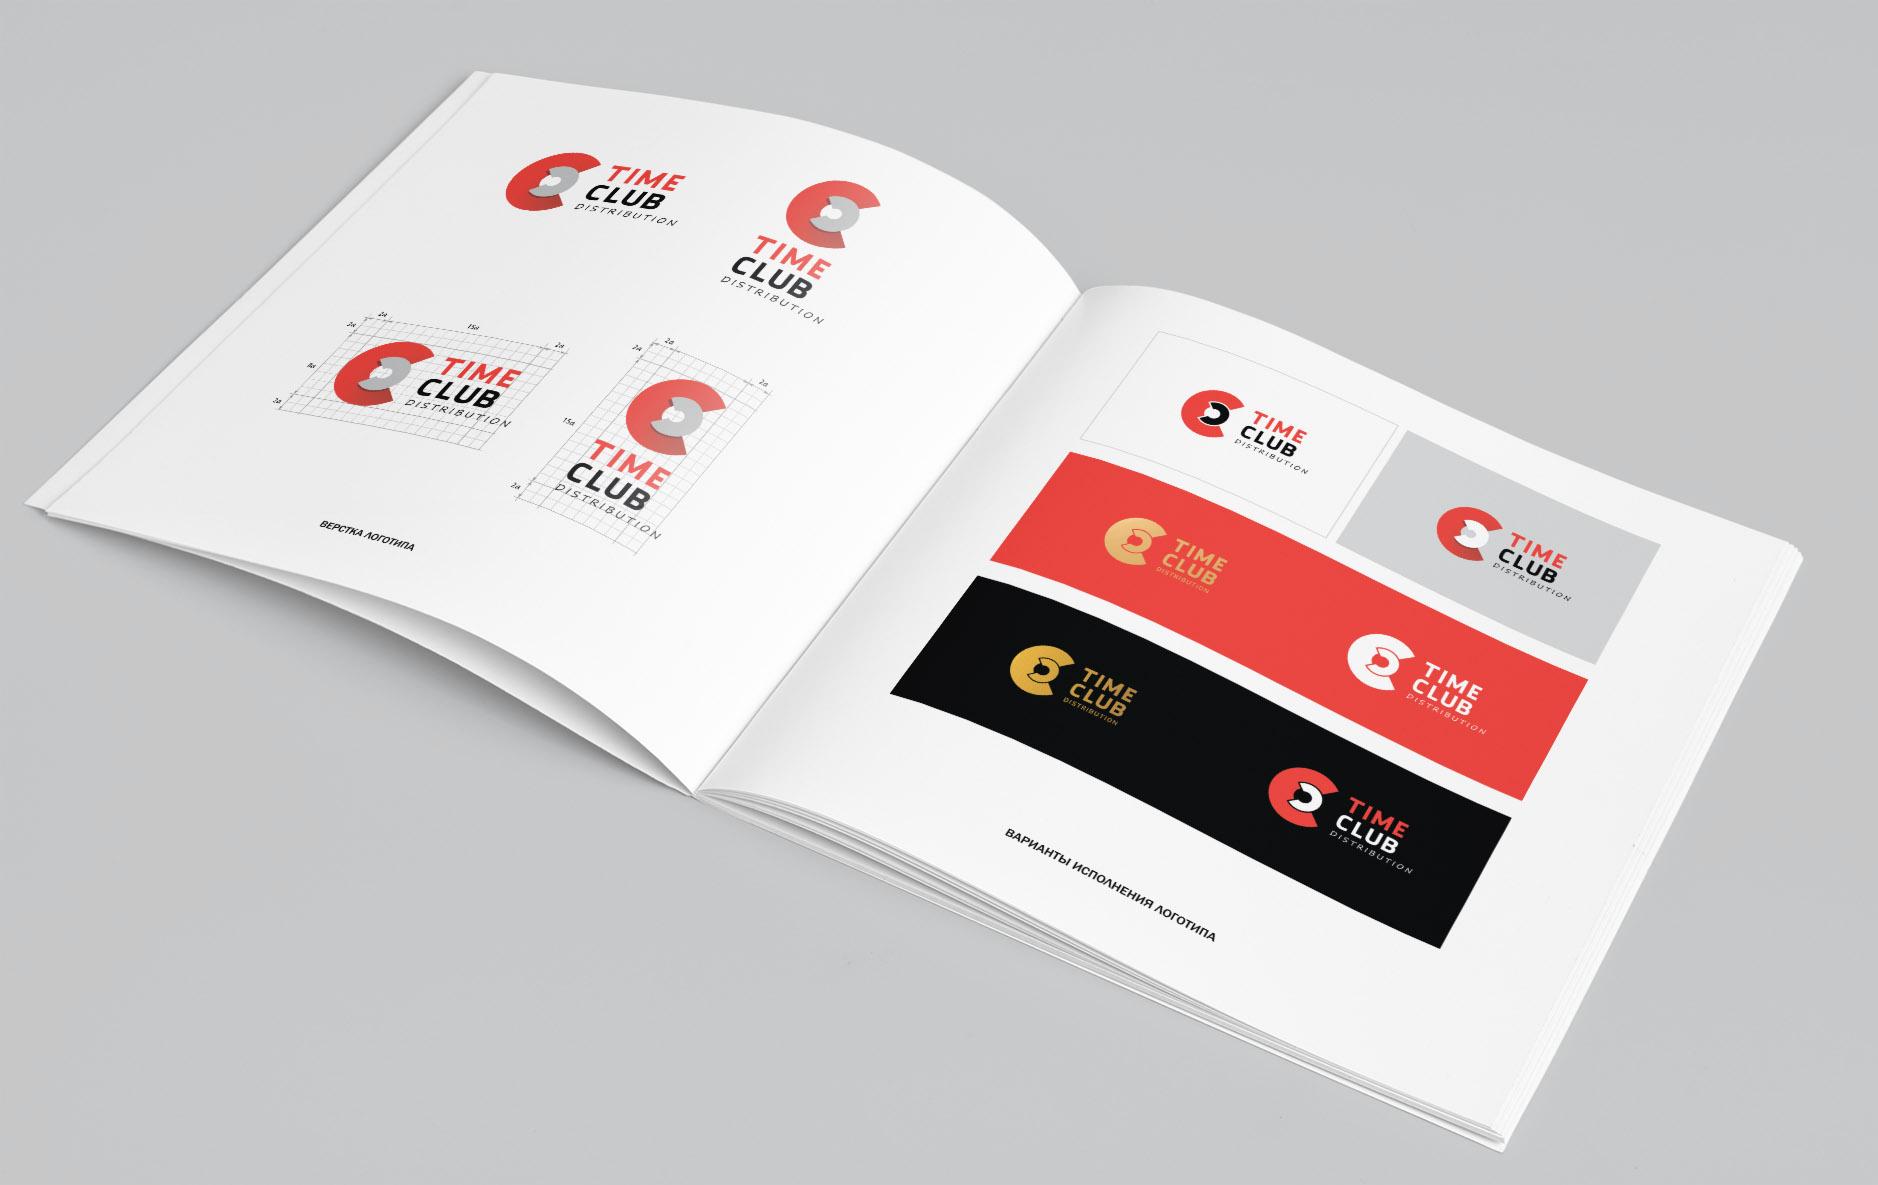 Дизайн логотипа магазина швейцарских часов